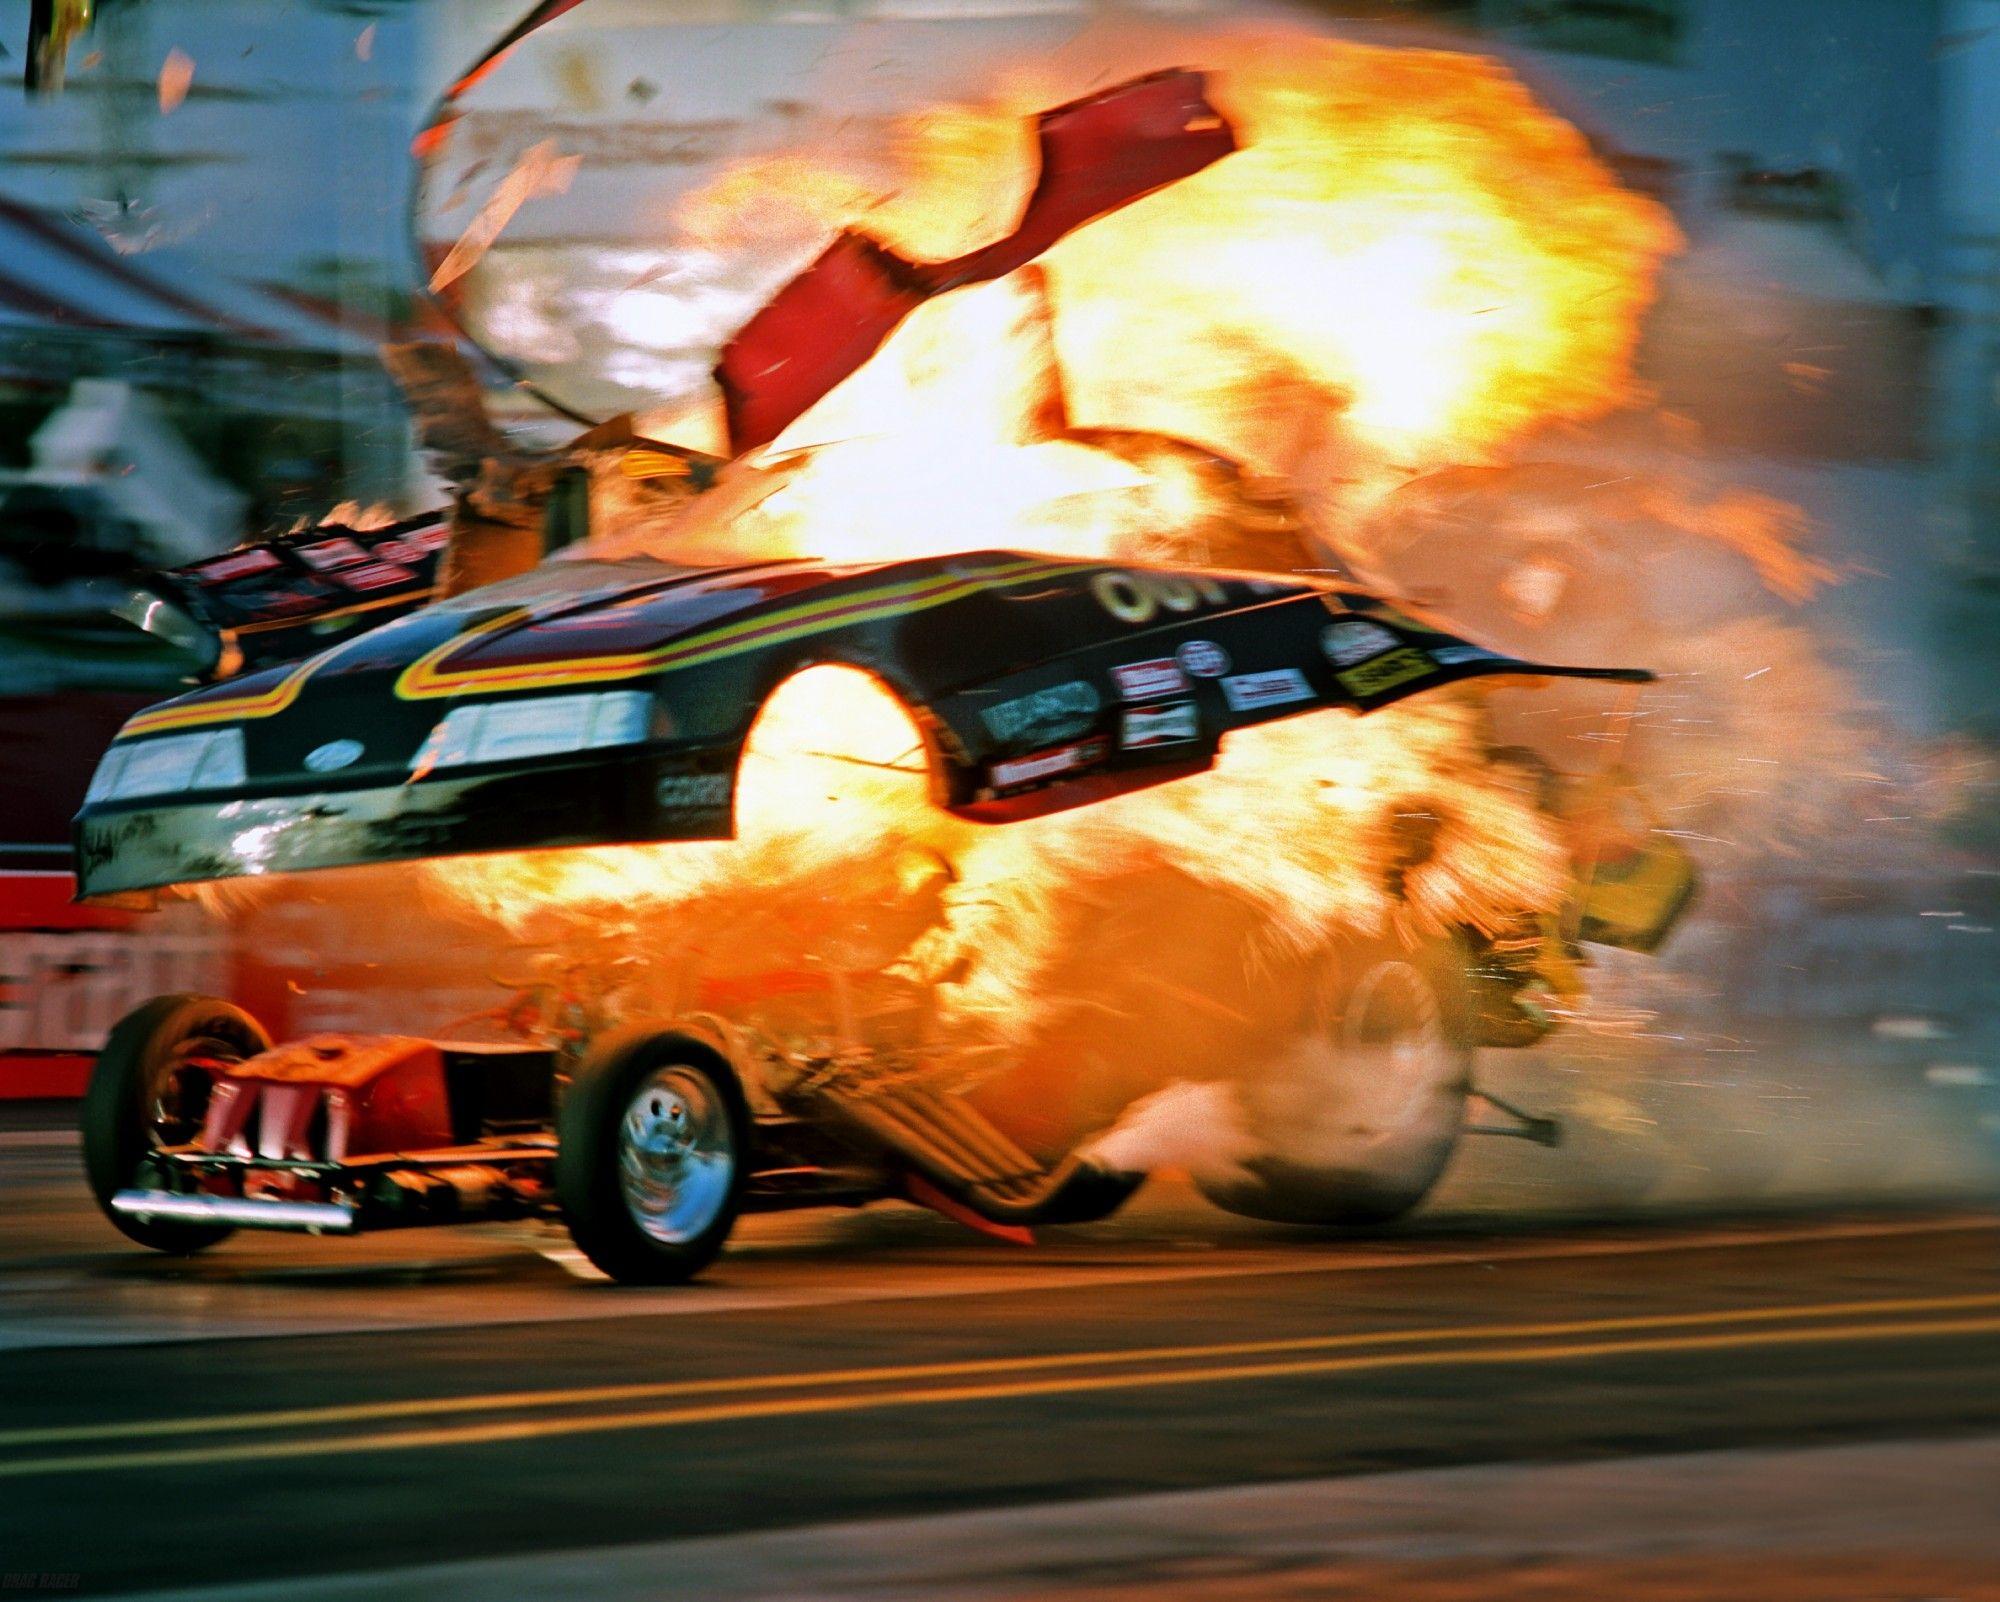 Nitro goes boom Hemi engine, Drag racing, Nitro